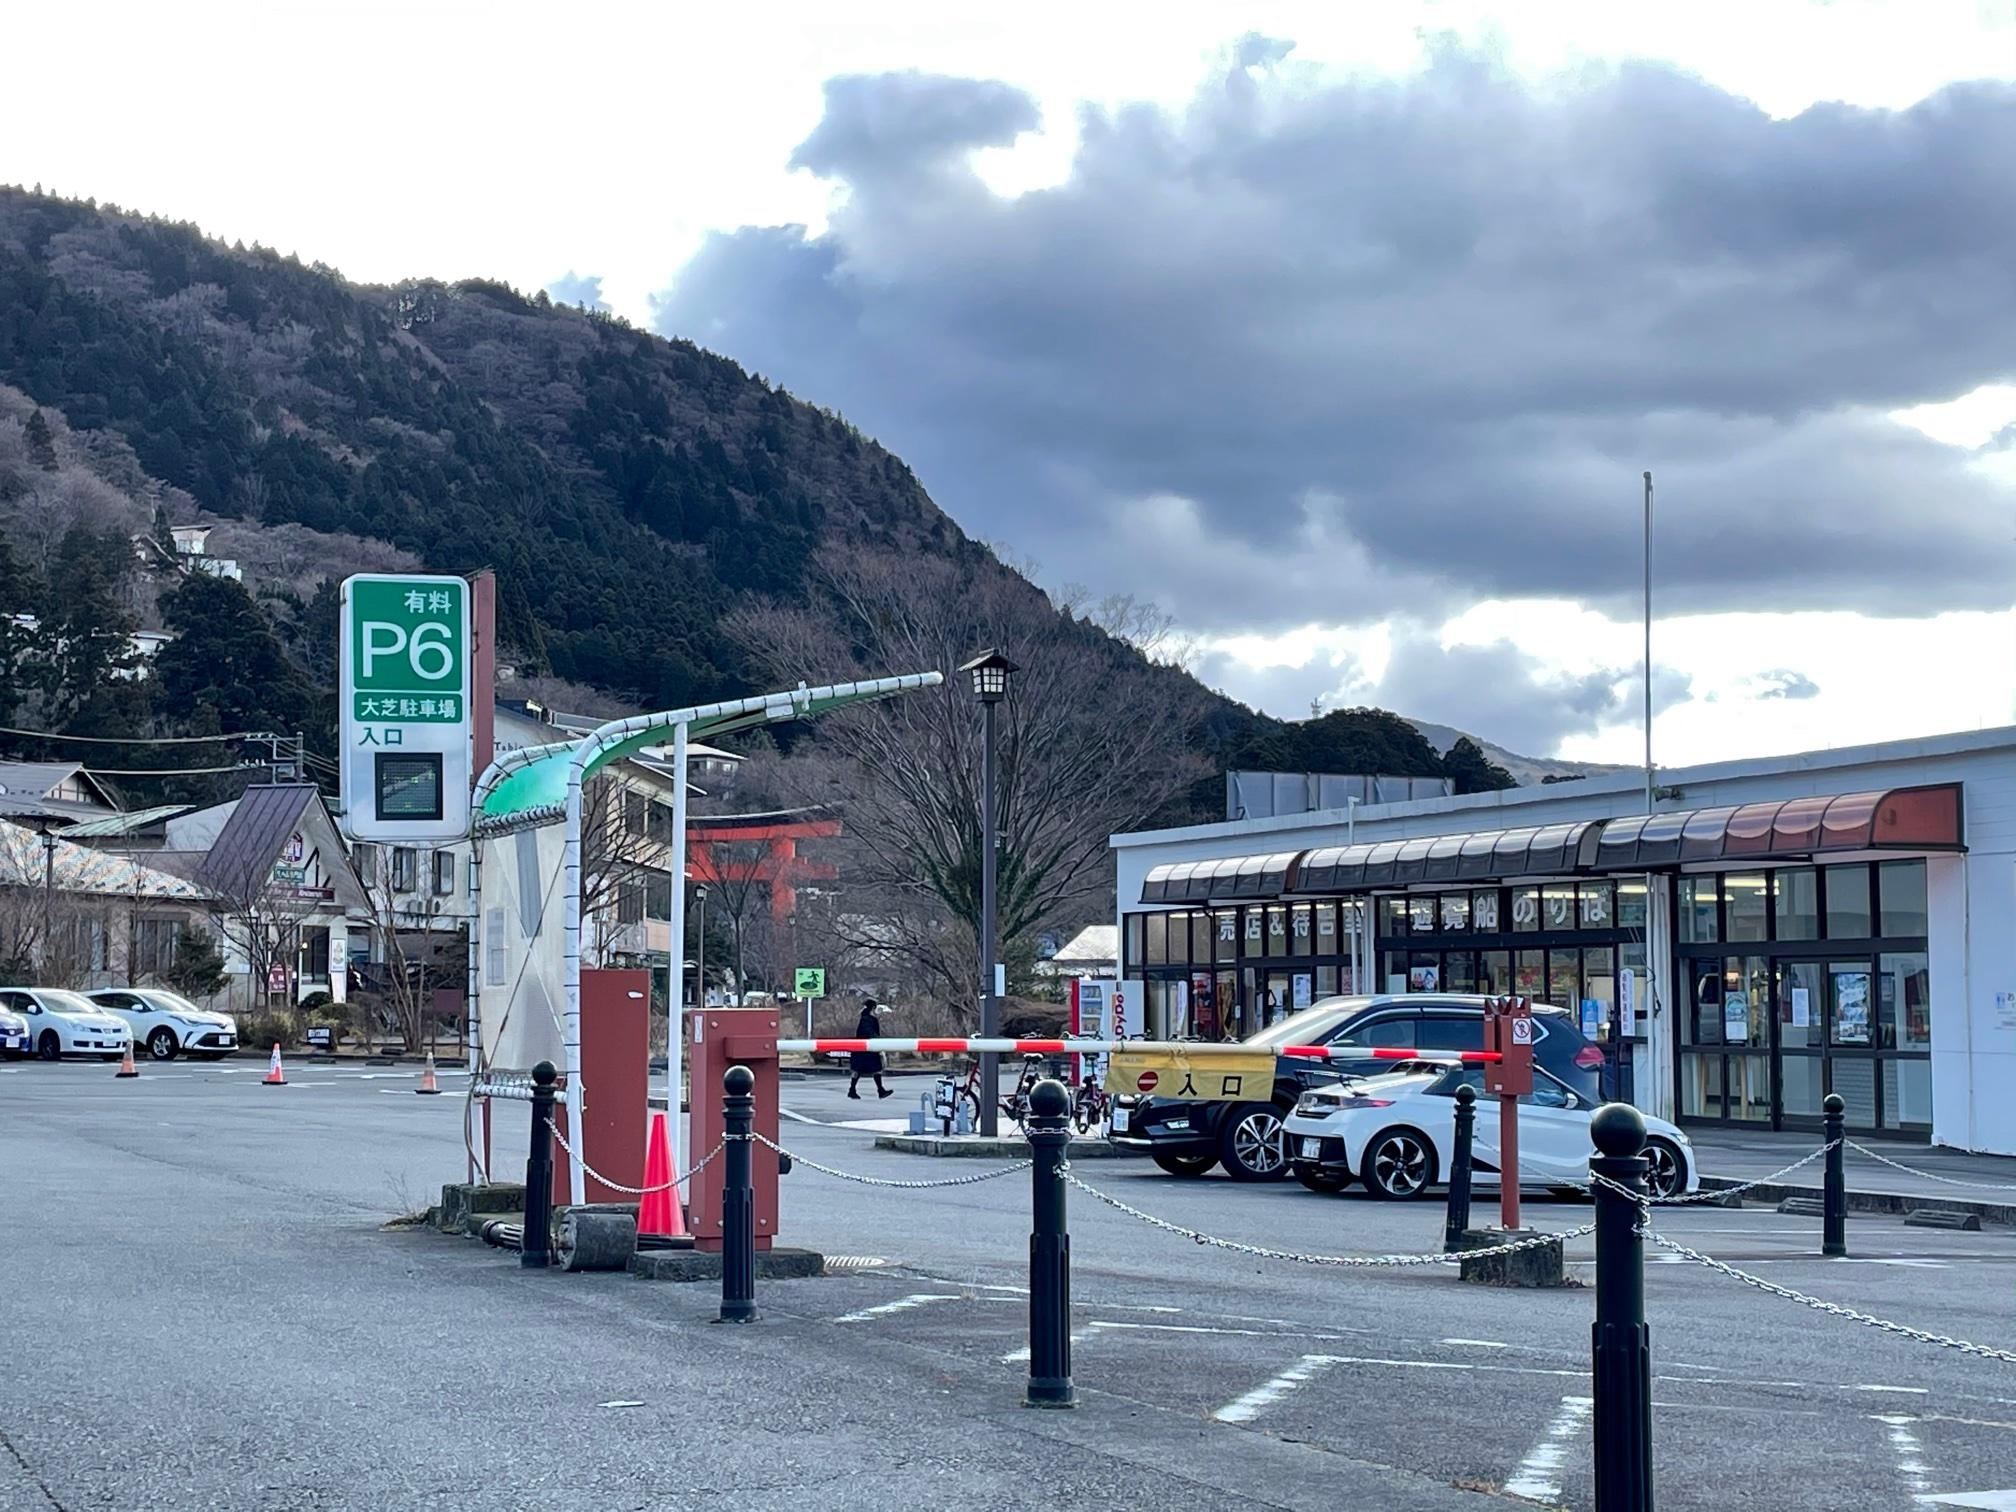 元箱根の遊覧船乗り場の駐車場